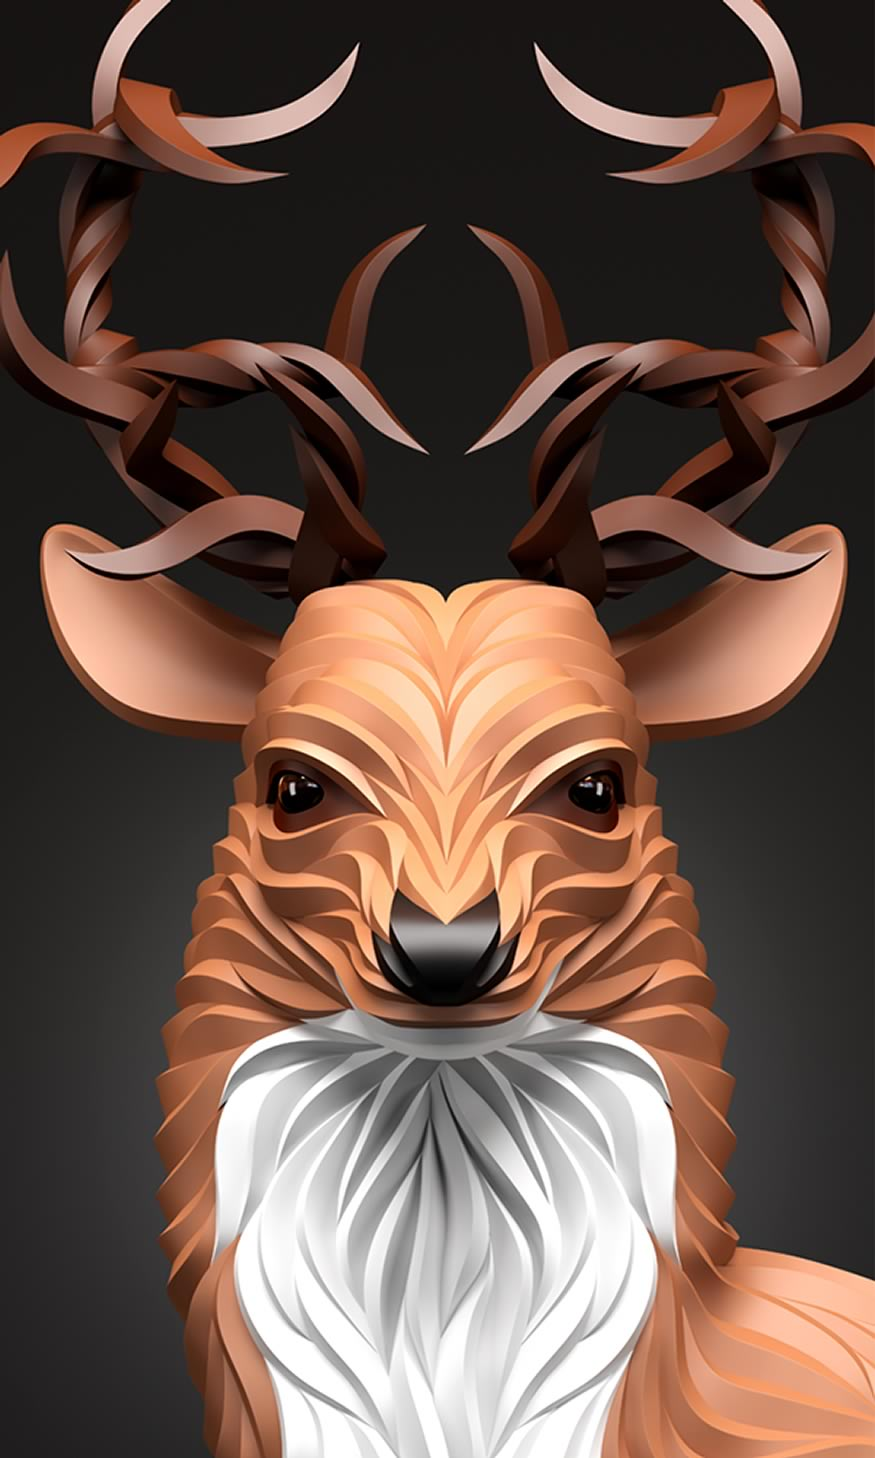 ilustra-ciervo-cuernos